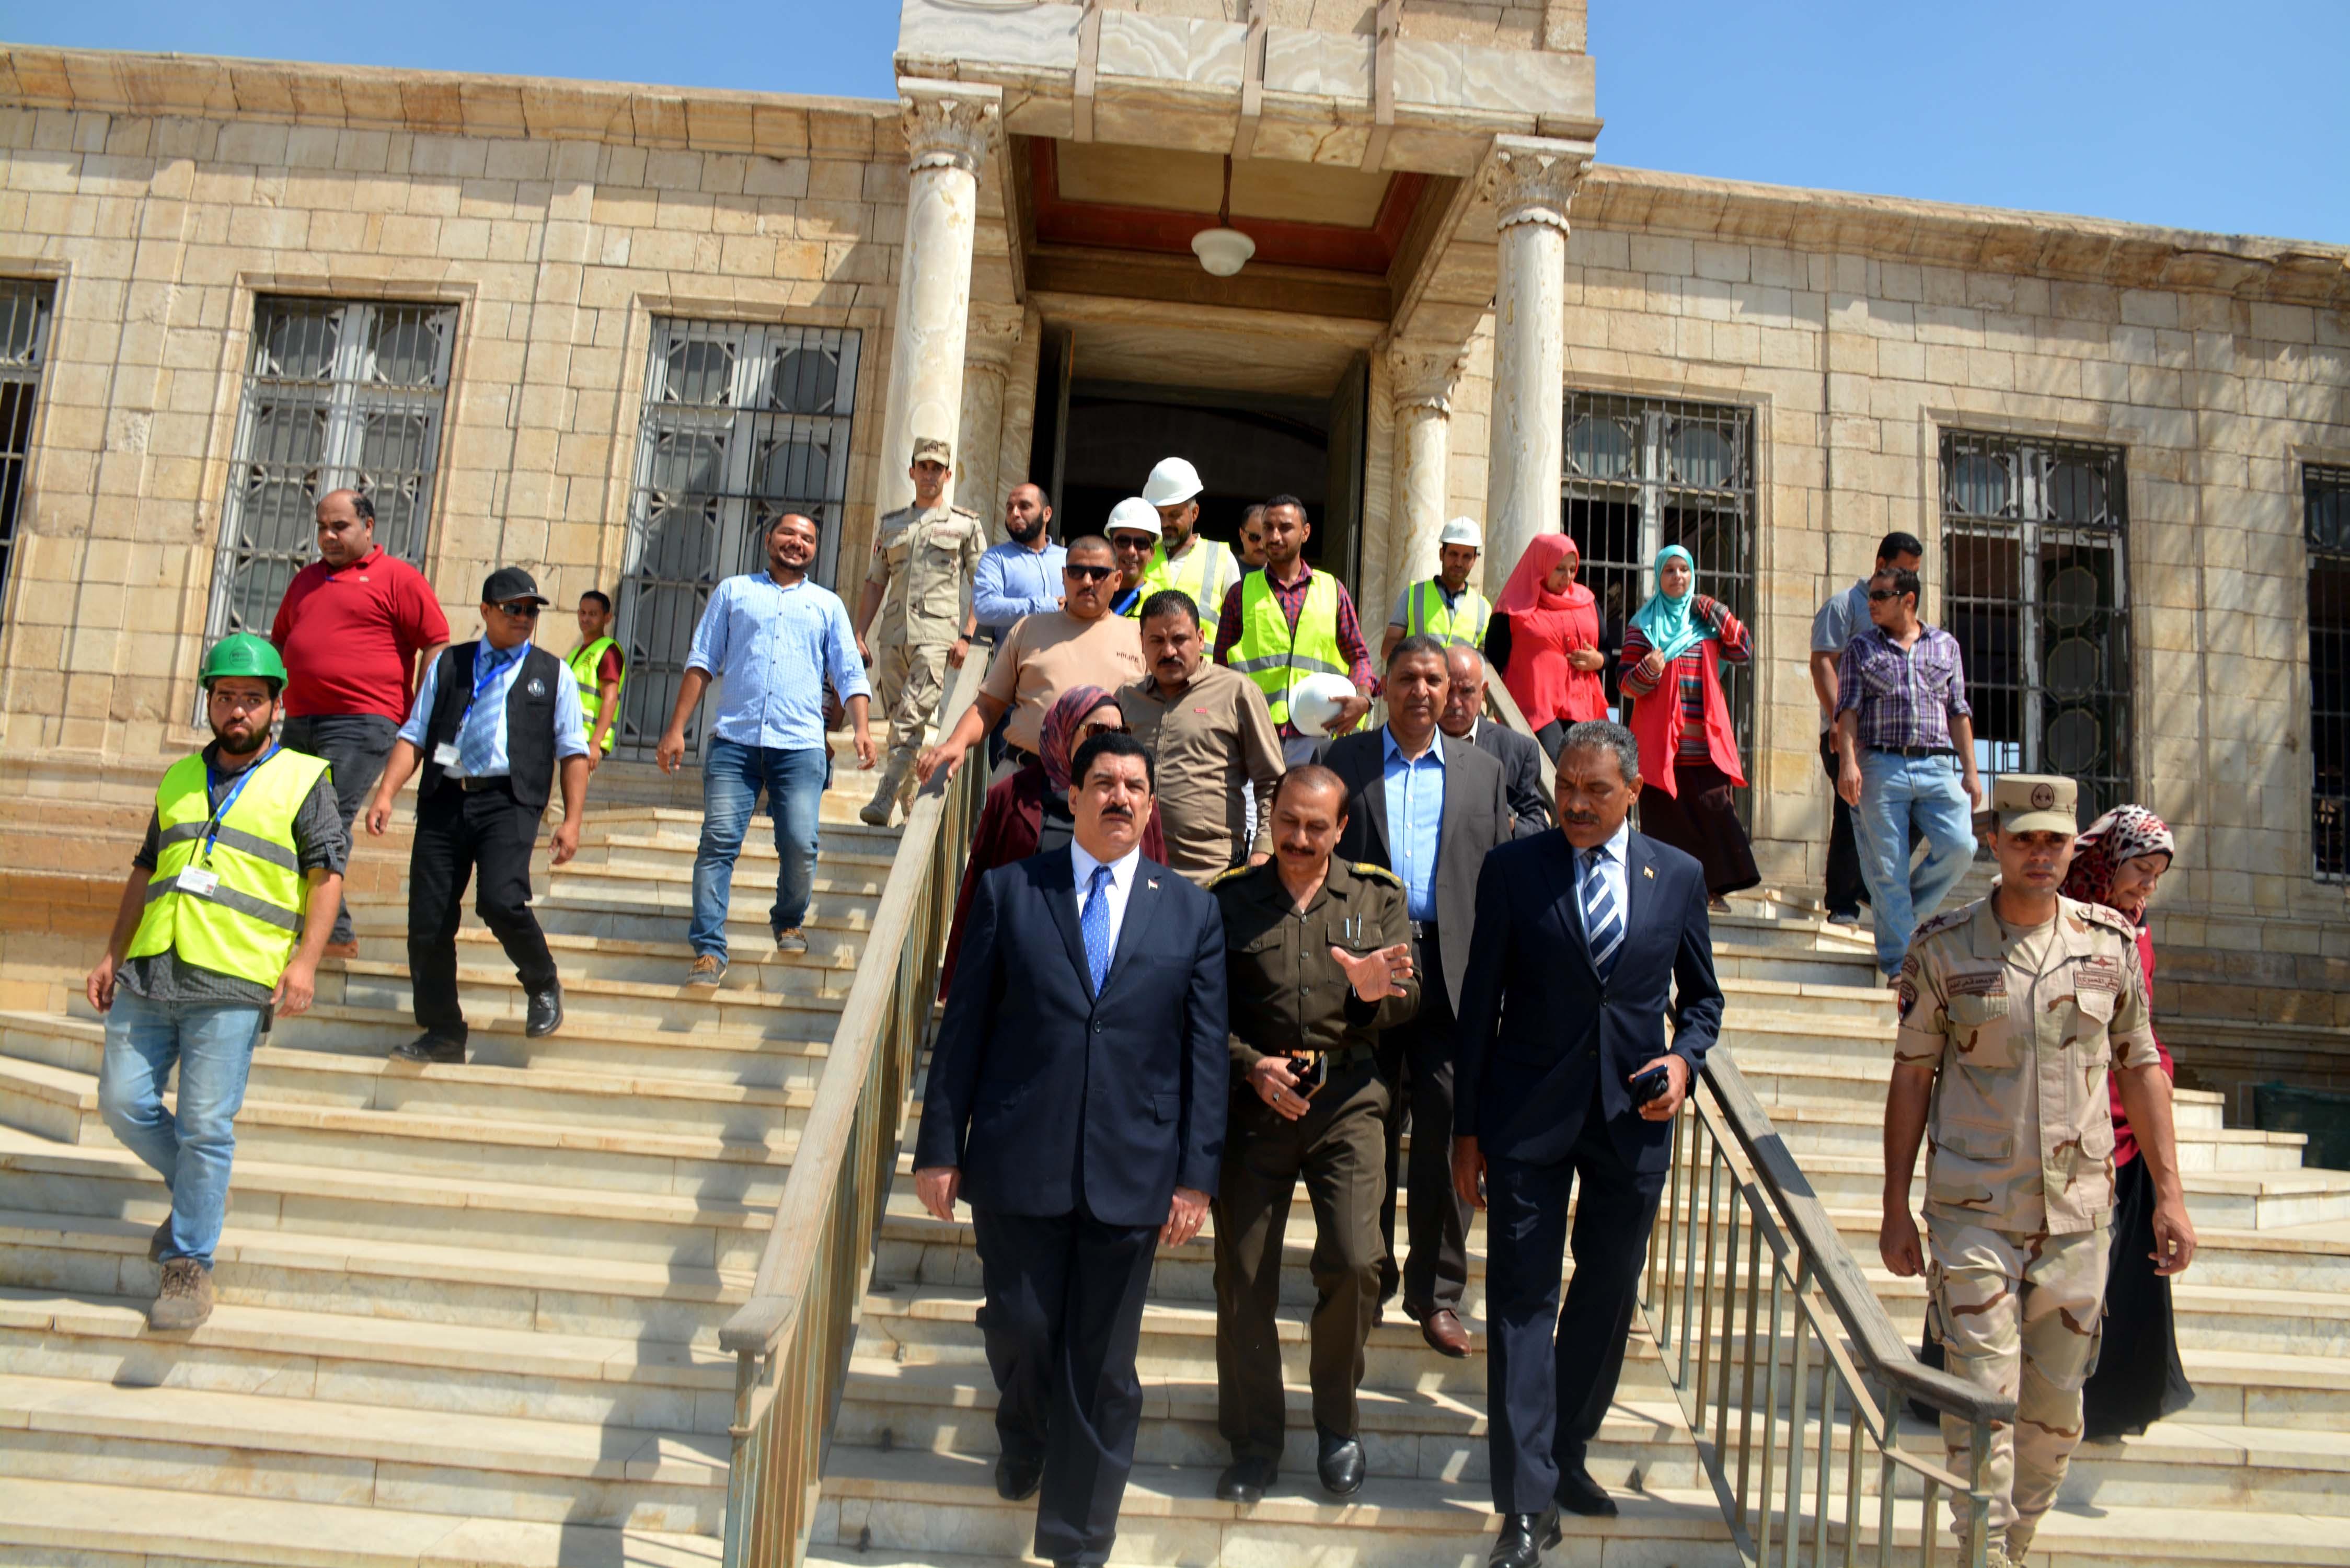 محافظ القليوبية يتفقد أعمال ترميم قصر محمد على بشبرا الخيمة (5)